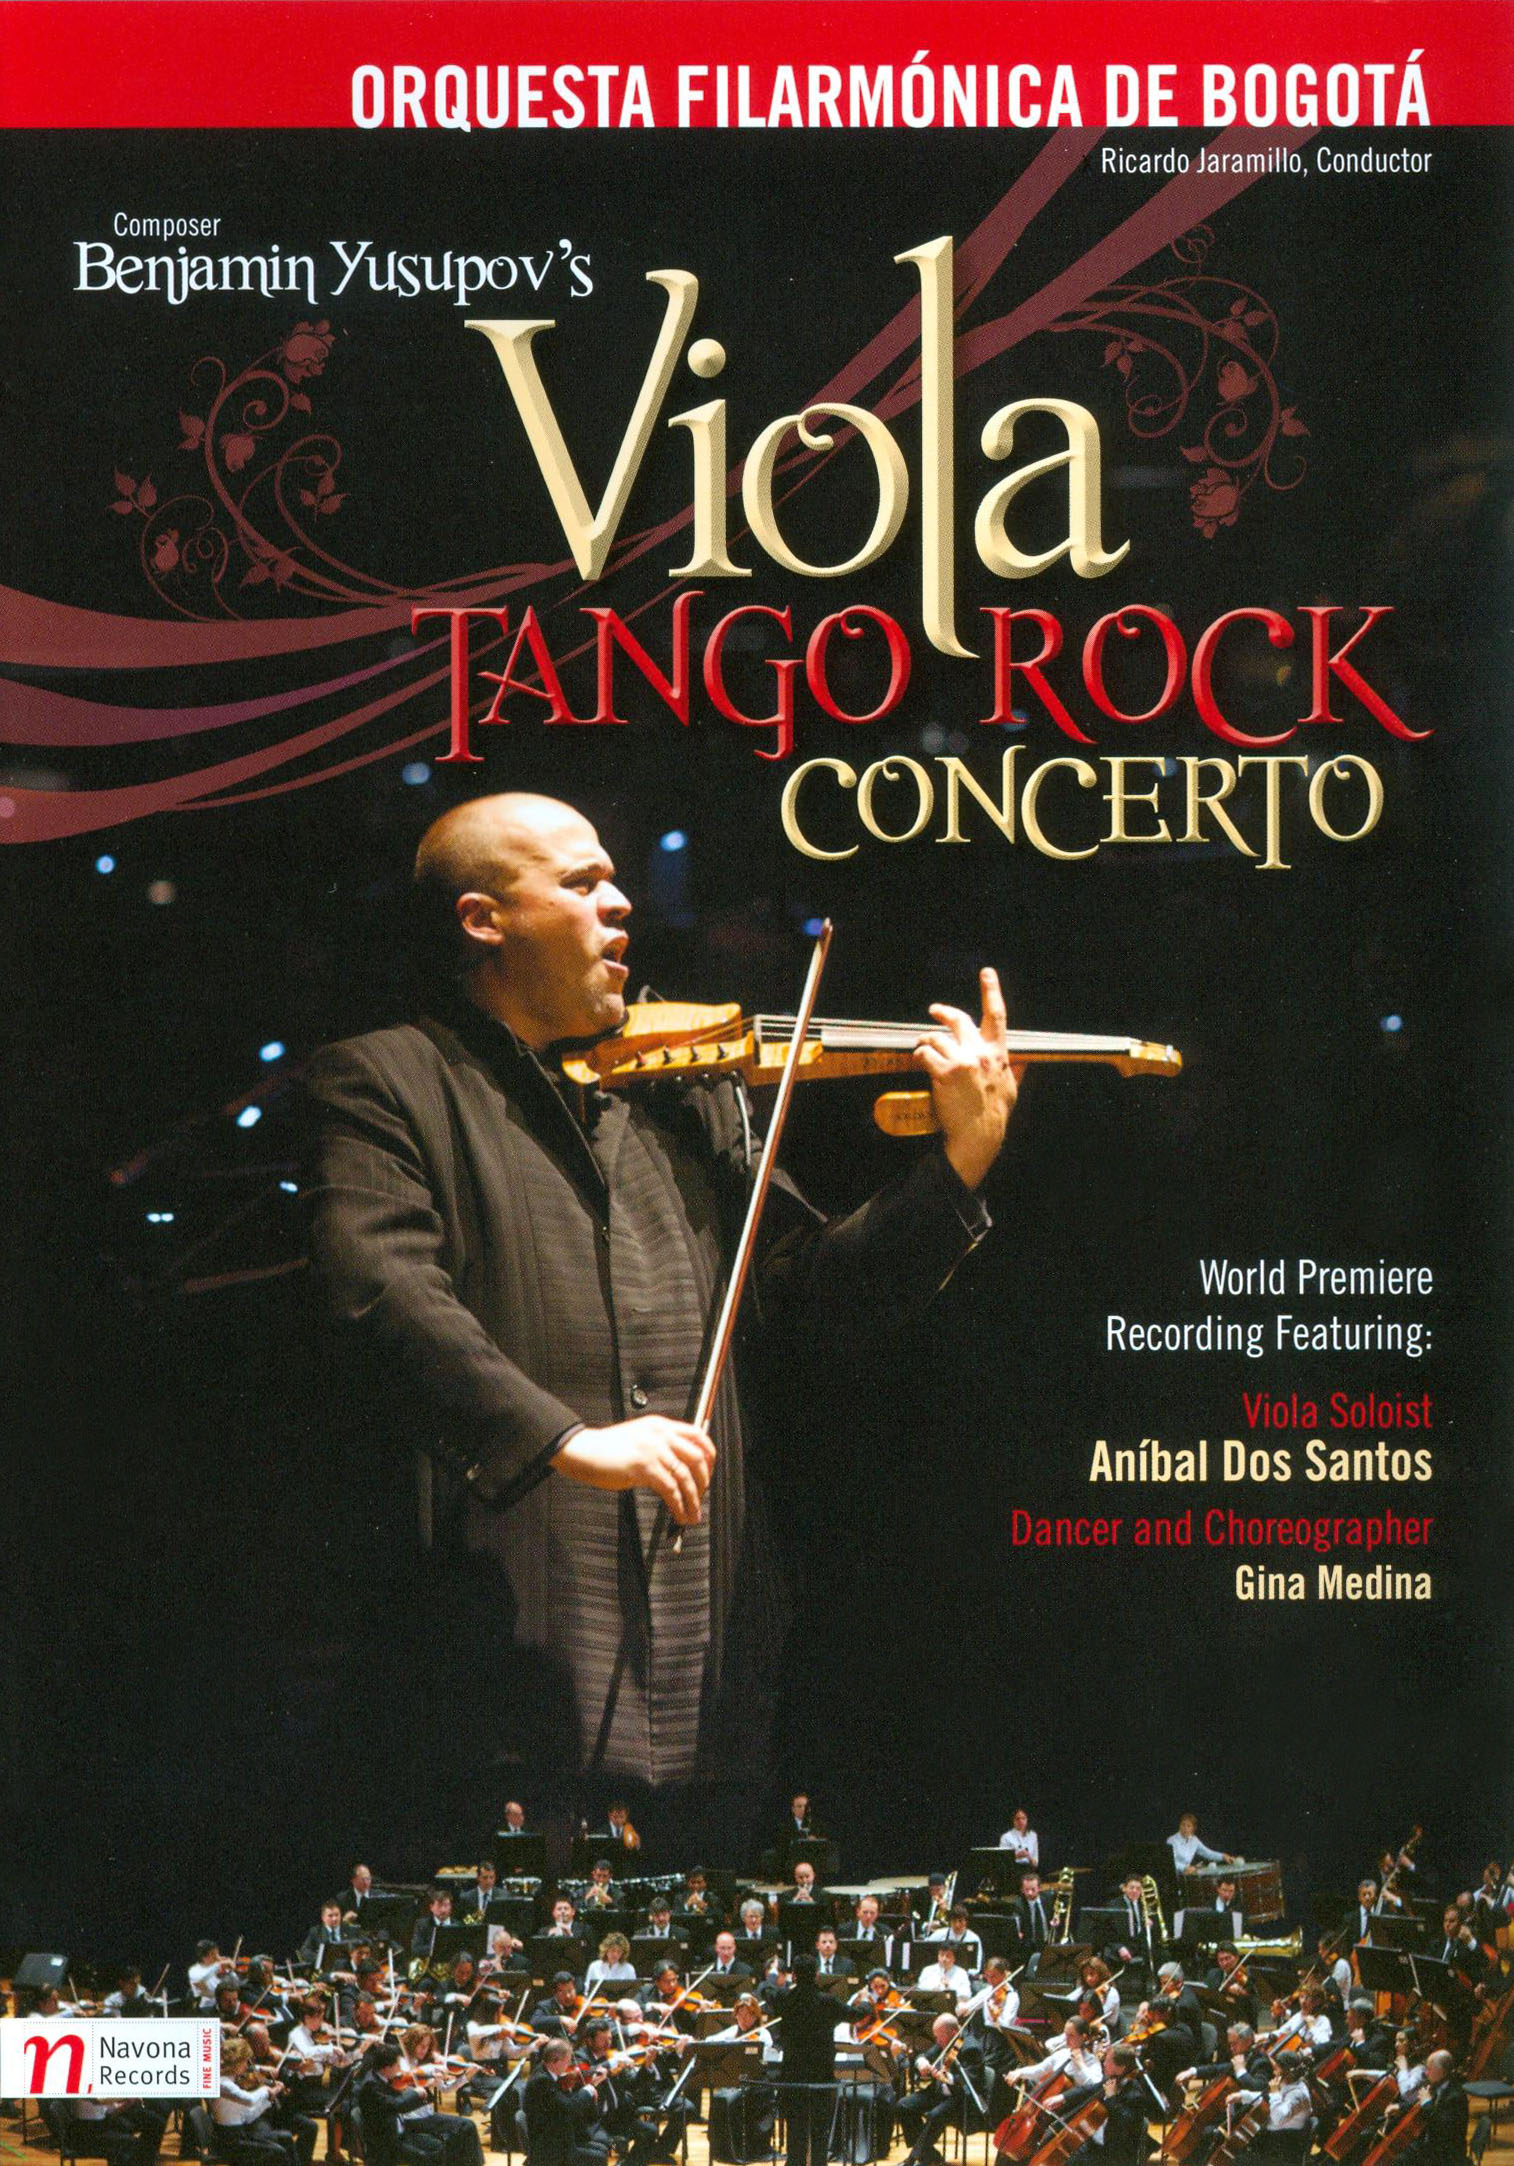 Orquesta Filarmónica de Bogotá: Benjamin Yusupov's Viola Tango Rock Concerto